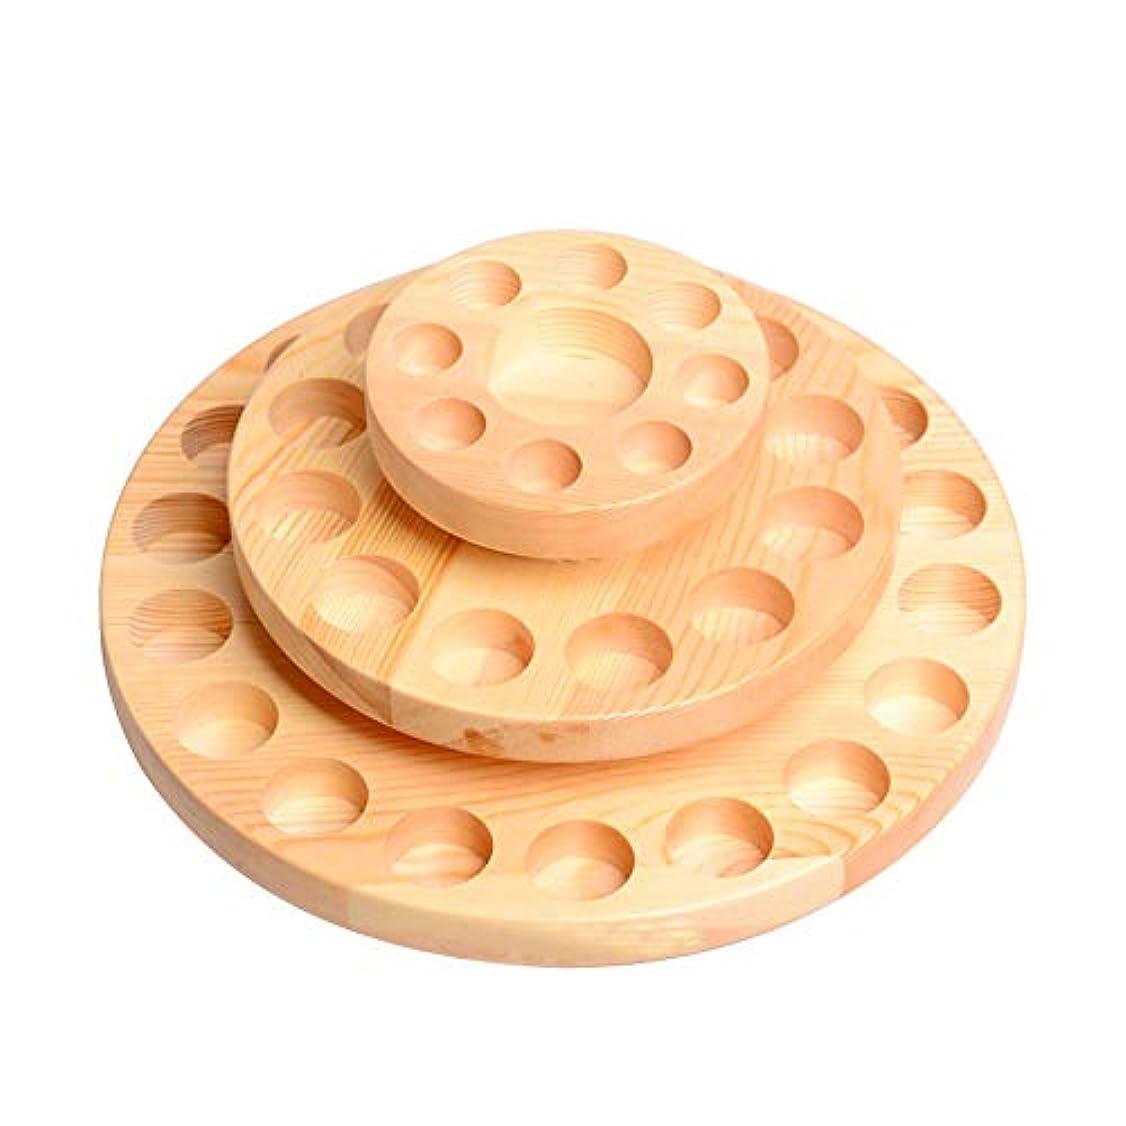 つぶやき不機嫌そうな違反39スロット木製エッセンシャルオイルの収納ボックスは、39の10〜15ミリリットル油が木製オイルケースホルダーをボトル保持します アロマセラピー製品 (色 : Natural, サイズ : 27X13.5CM)